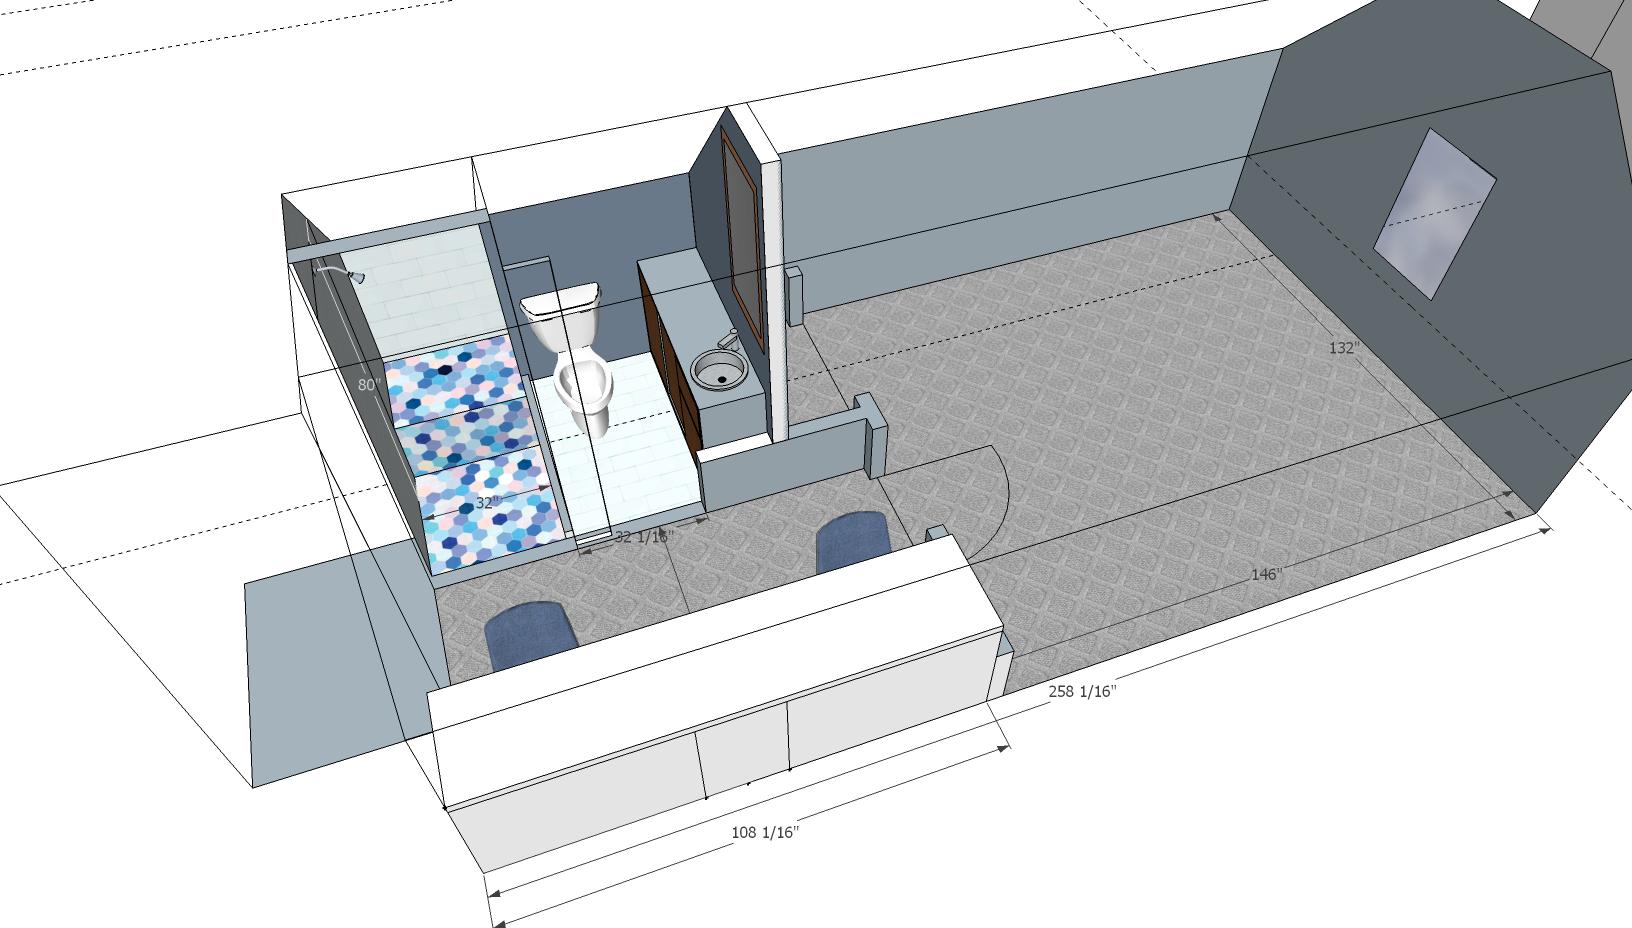 Adding A Bathroom To Over Garage Bonus Room Http Imgur Com A Drisl Add A Bathroom Bonus Room Stained Concrete